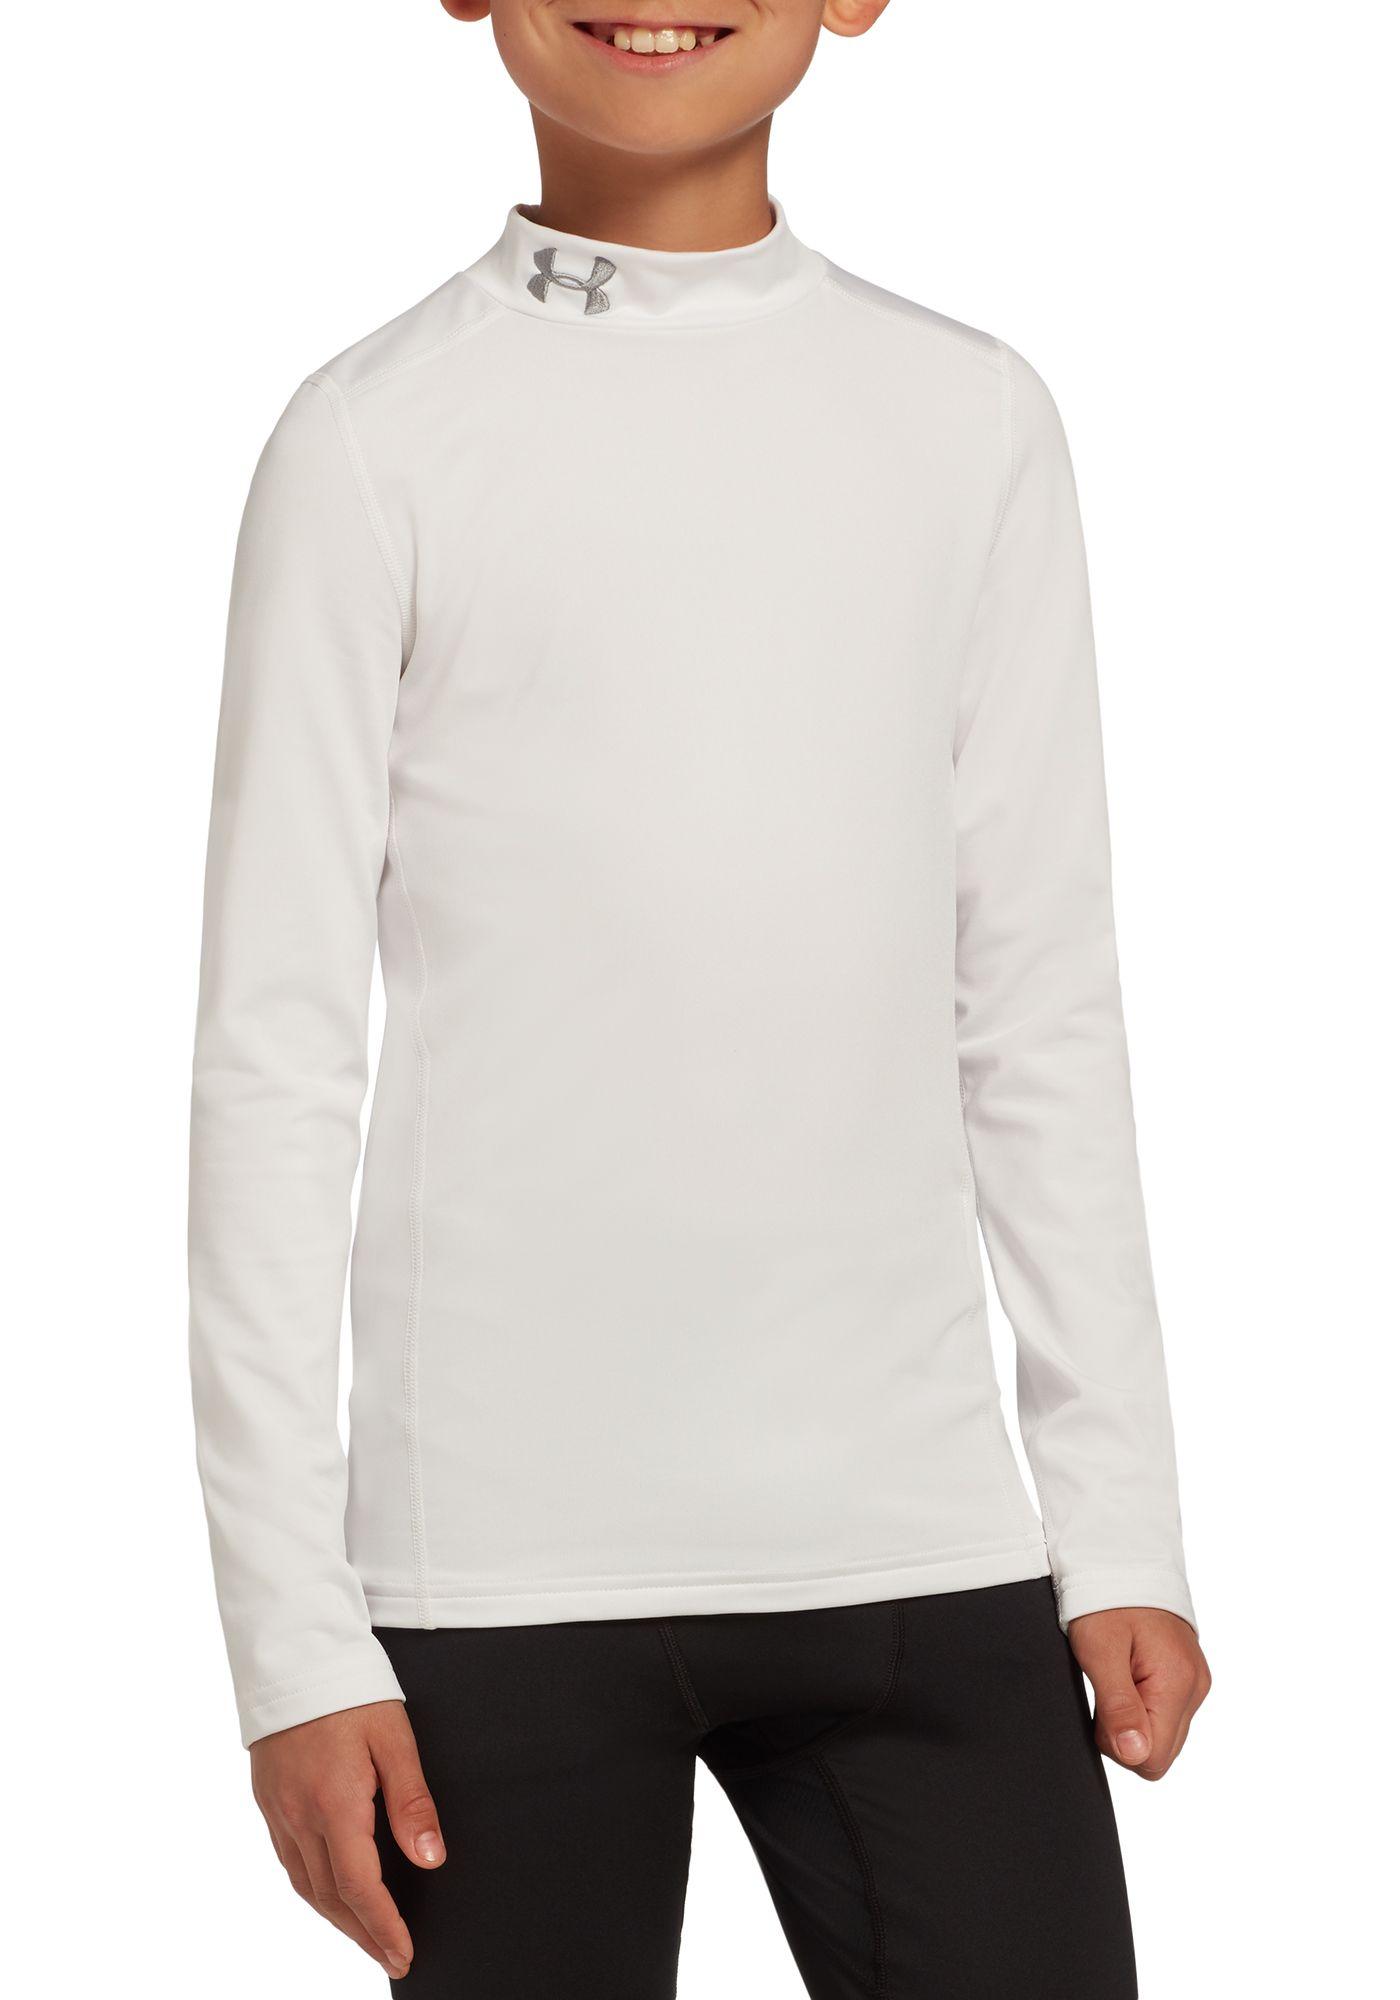 Under Armour Boys' ColdGear Armour Mock Neck Long Sleeve Shirt